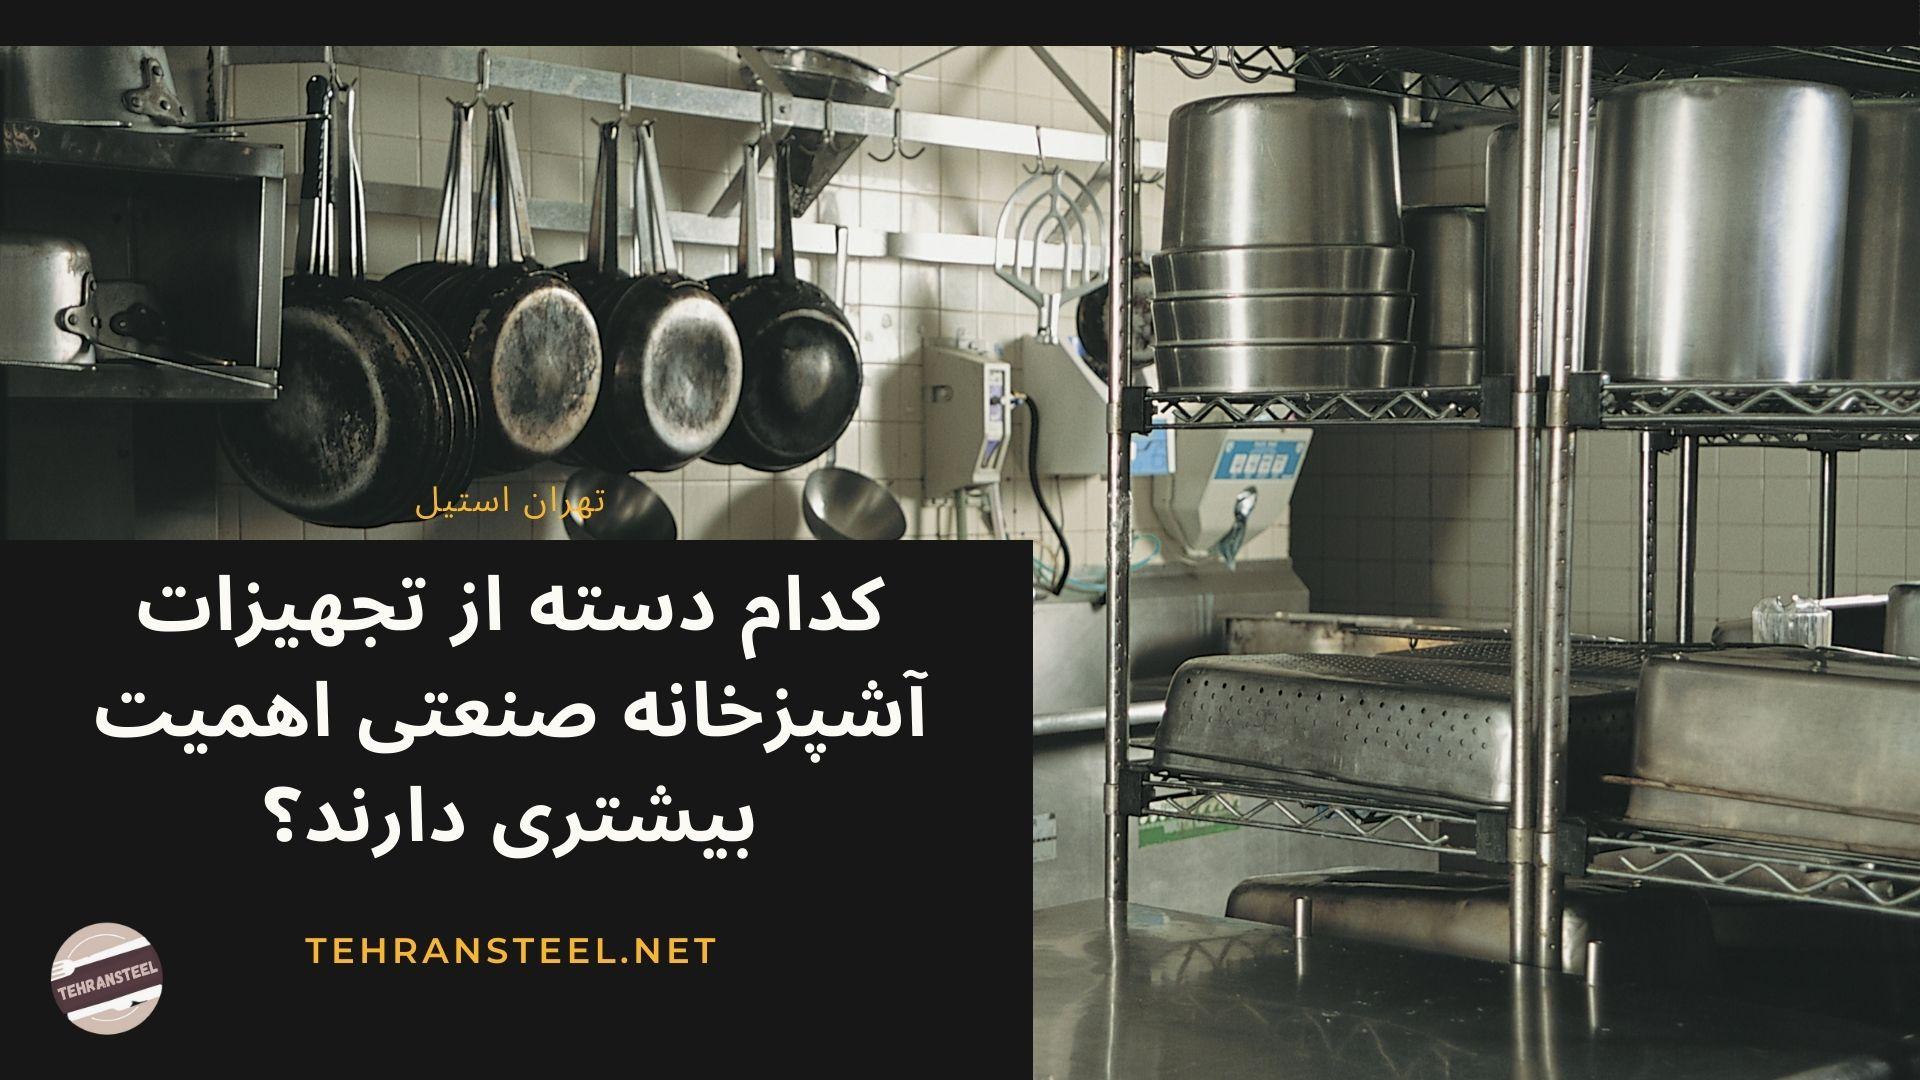 کدام دسته از تجهیزات آشپزخانه صنعتی اهمیت بیشتری دارند؟